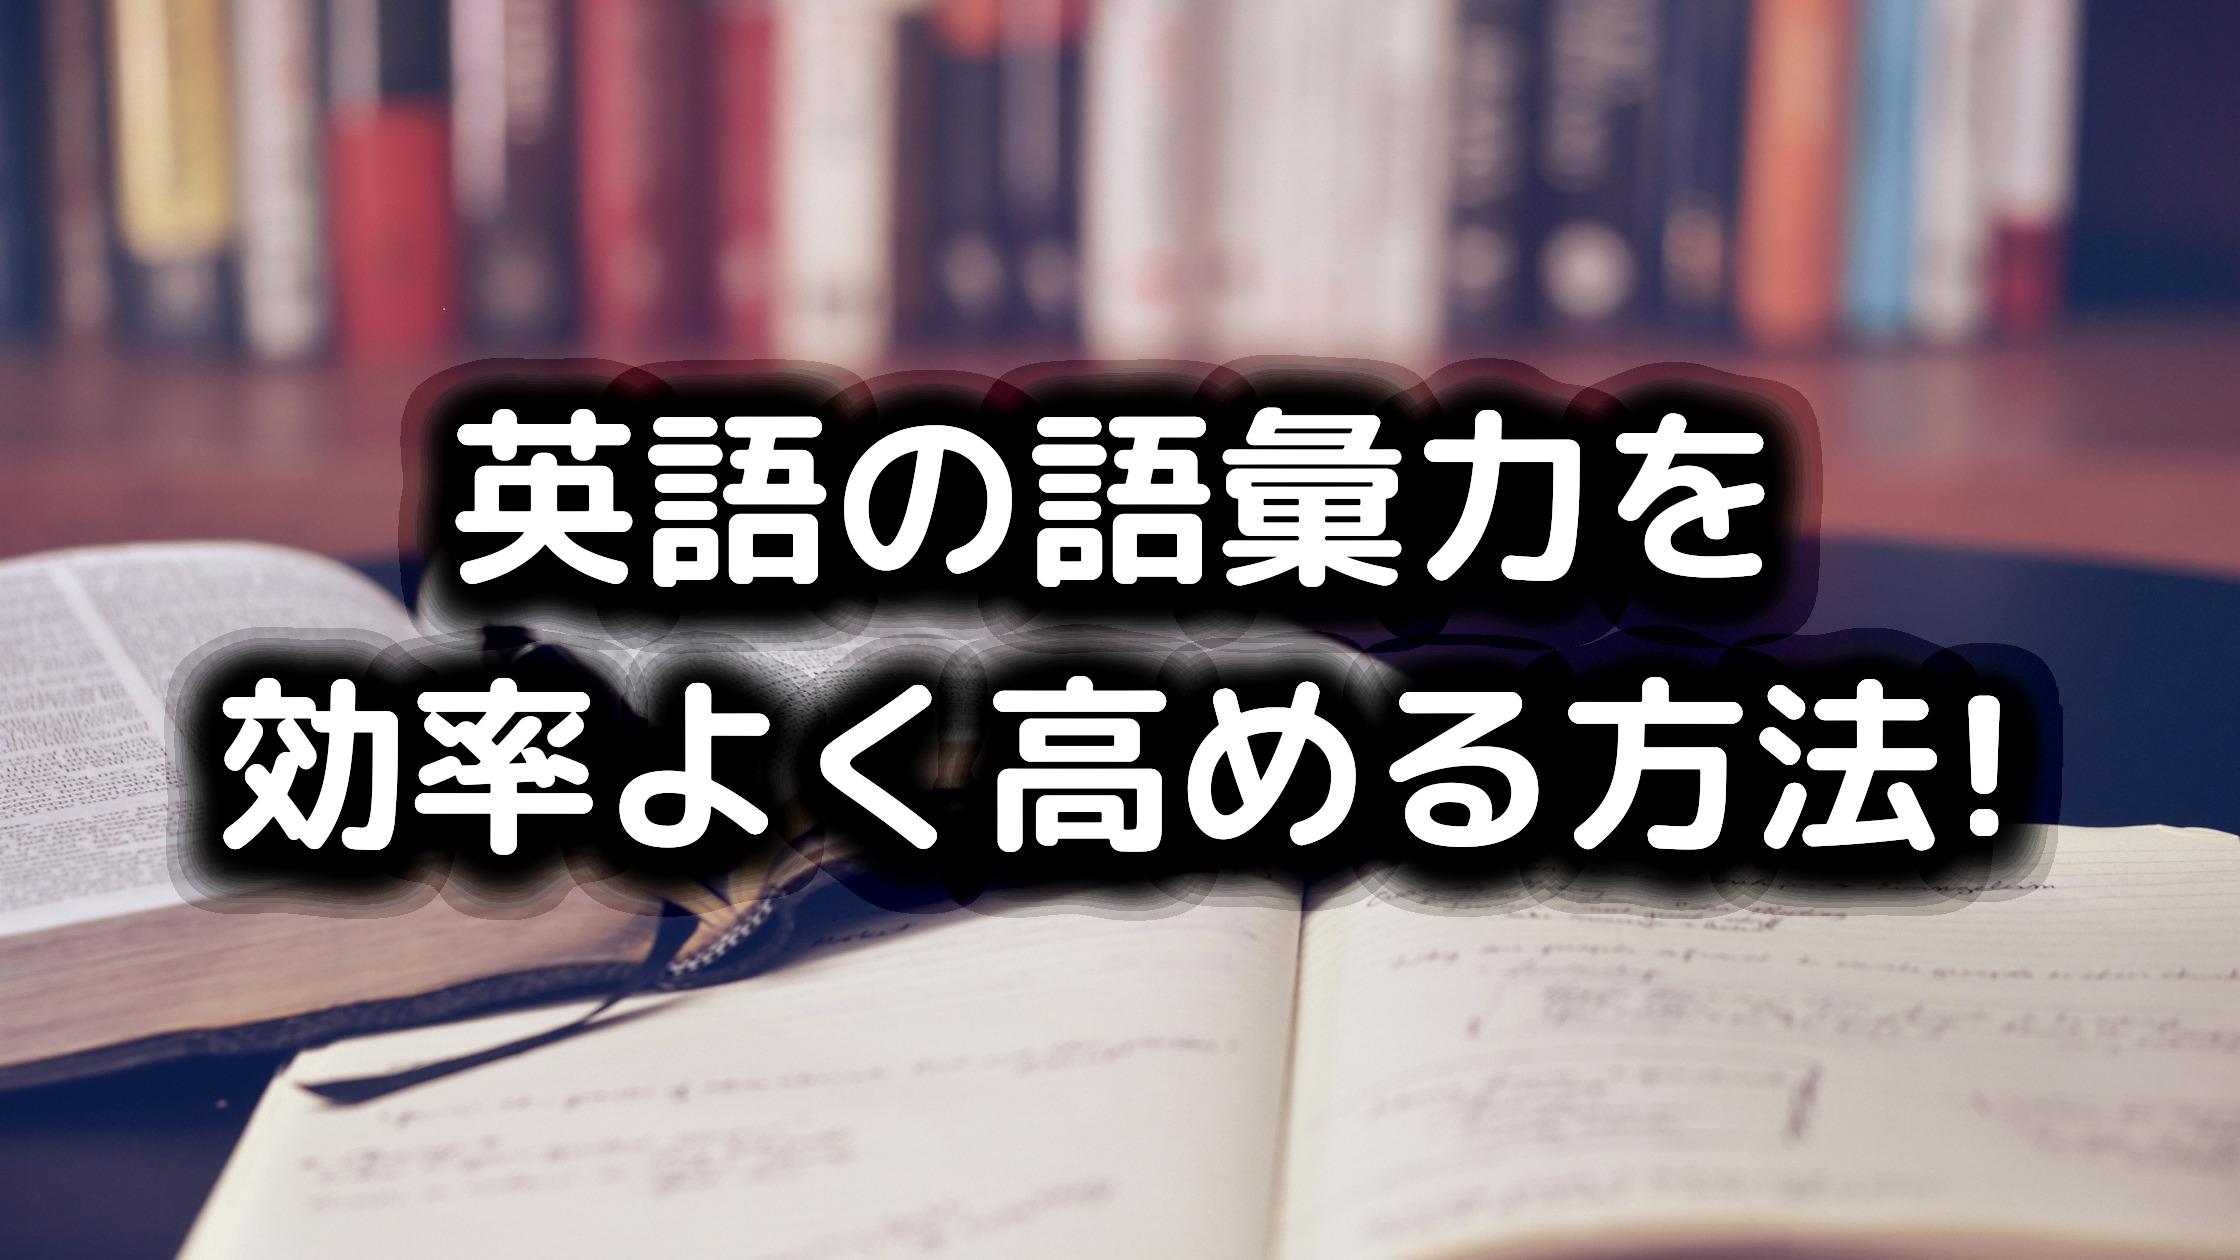 英語の語彙力を増やす